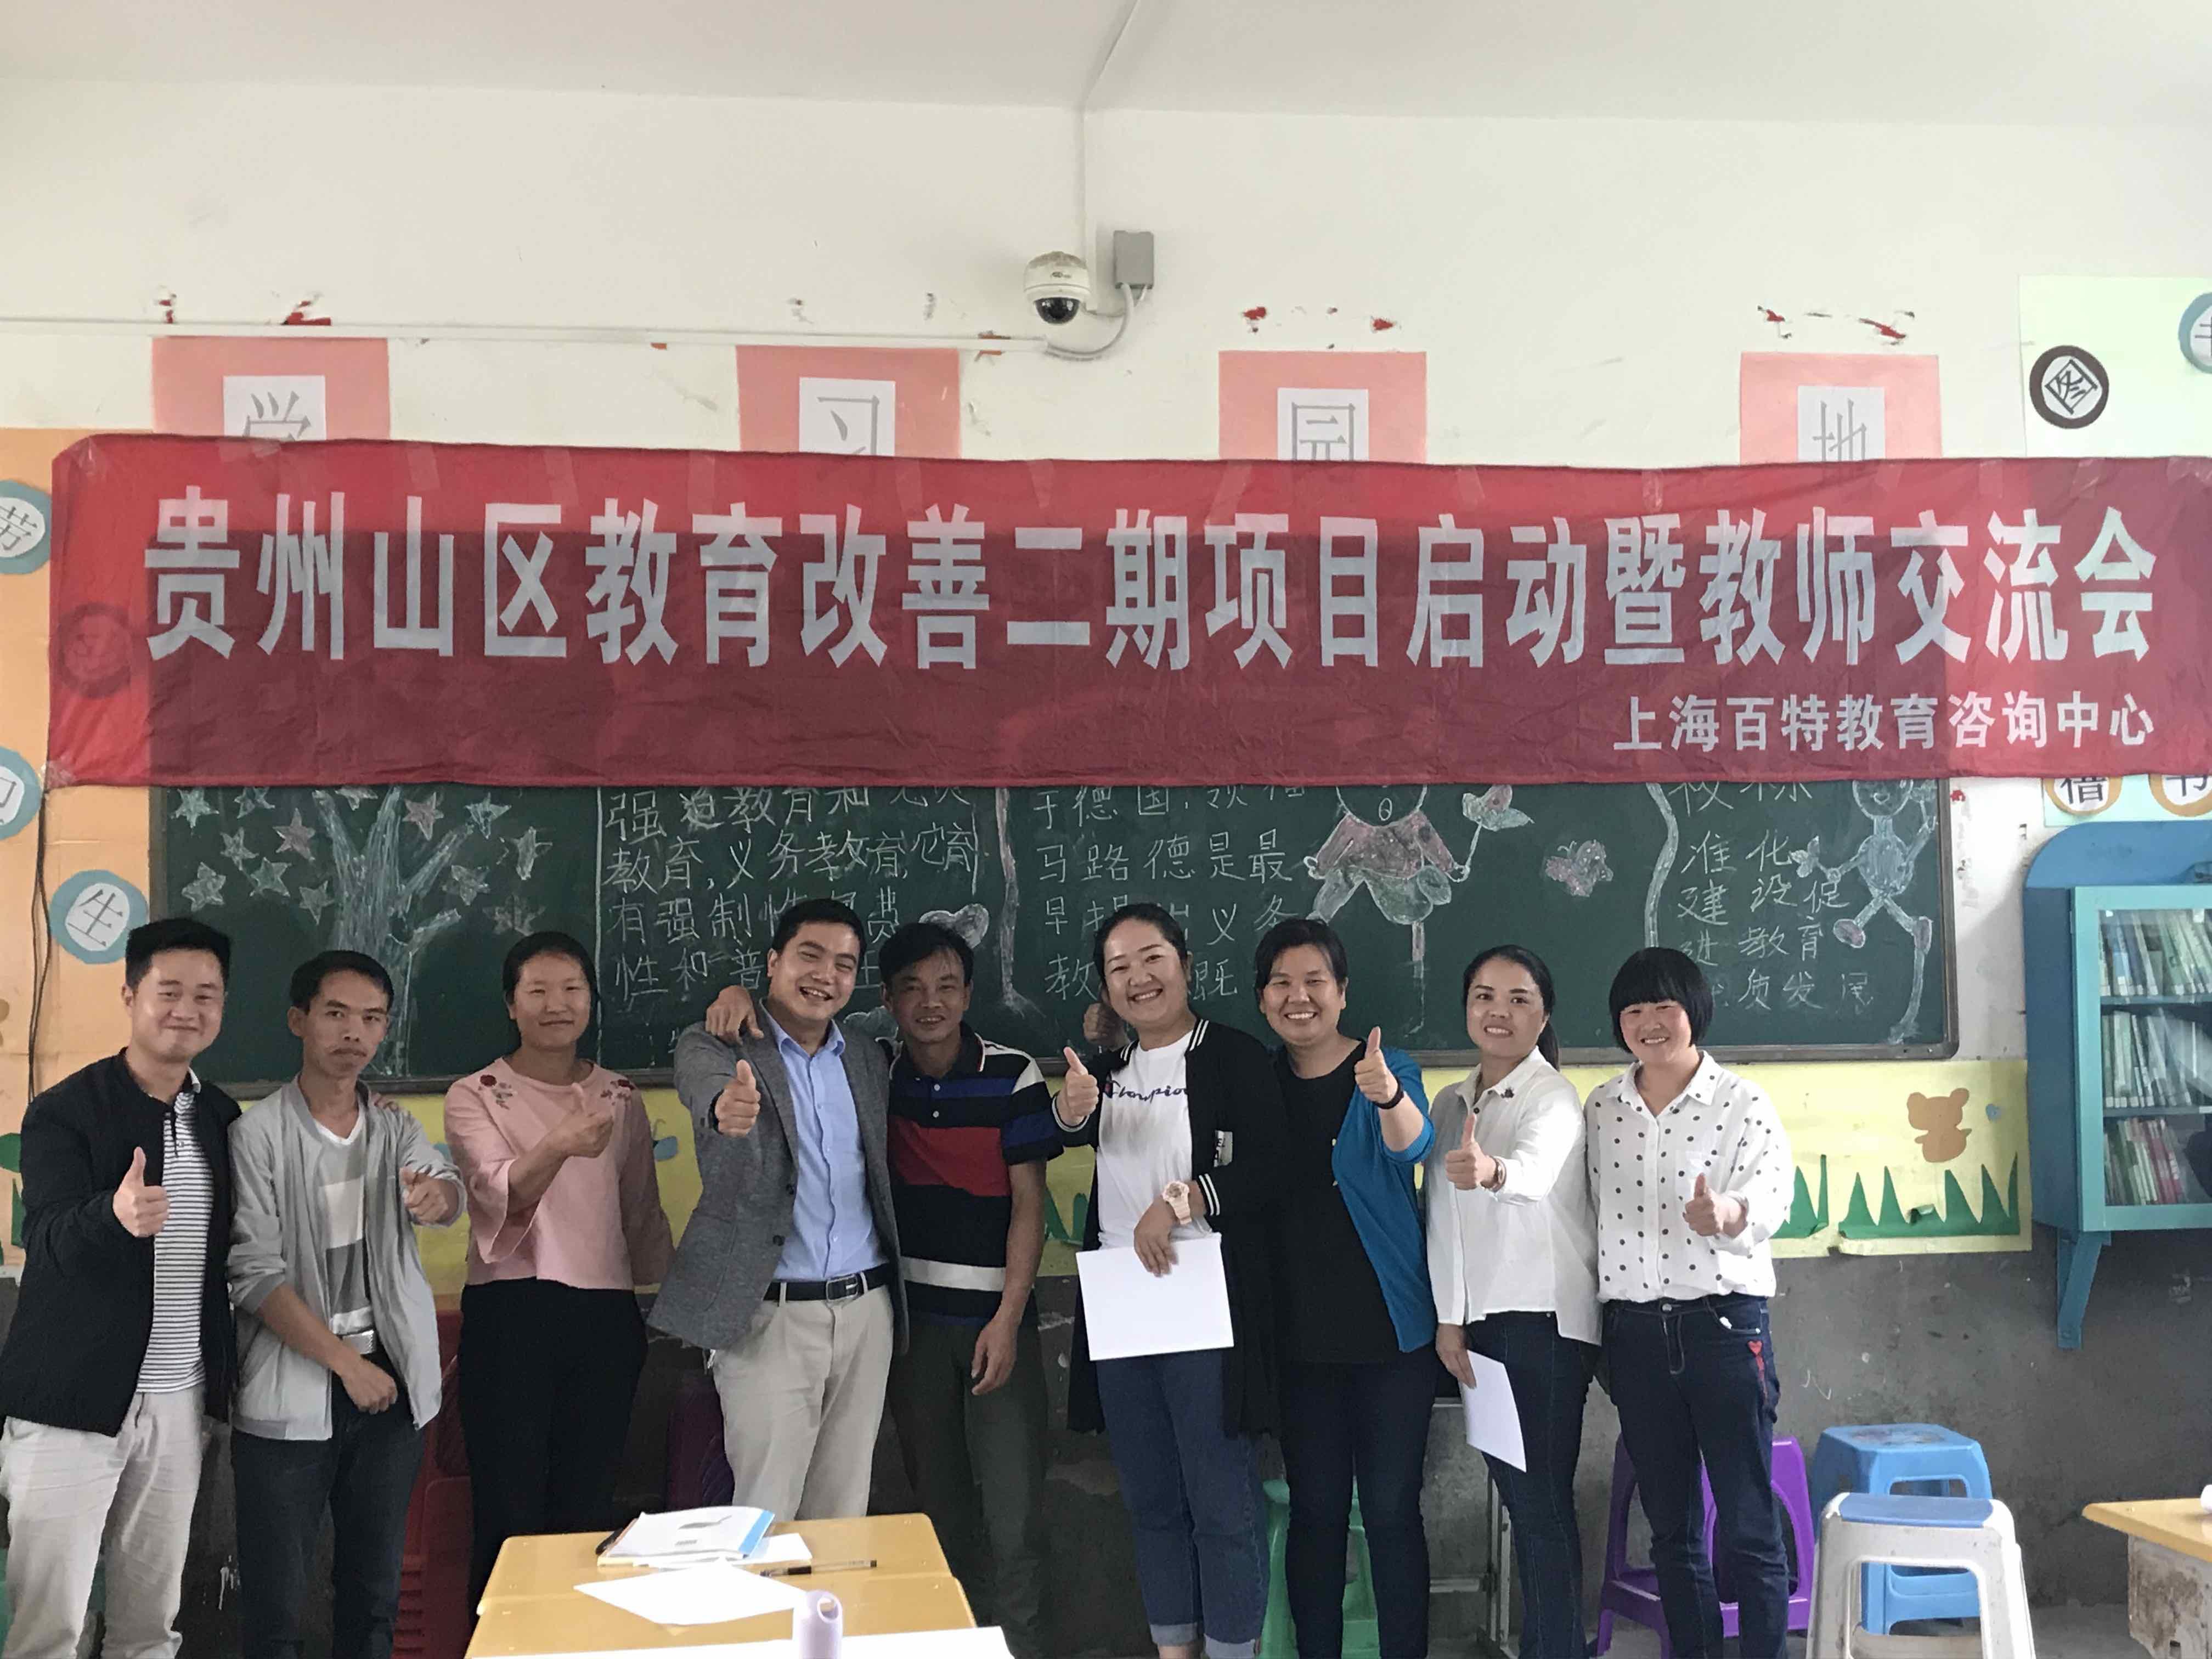 百特教育X乐施会,贵州山区教育改善正在行动